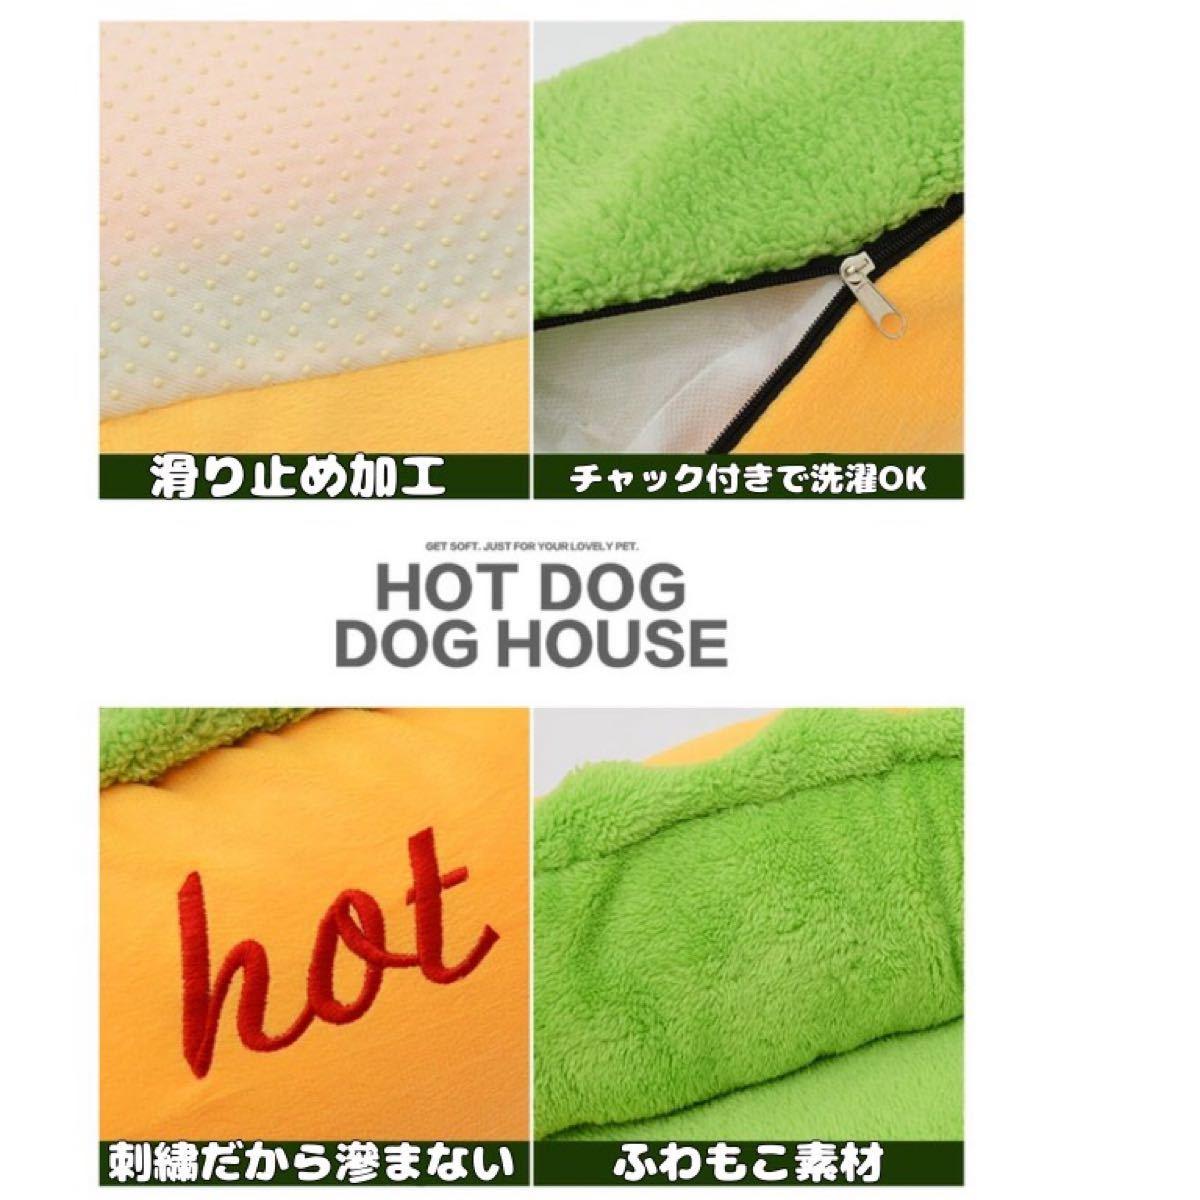 ペット クッション 犬 ネコ ドッグ フワフワ ホットドッグ  猫ベッド 小型犬 冬用 ペットベッド 猫用ベッド あったか 洗える